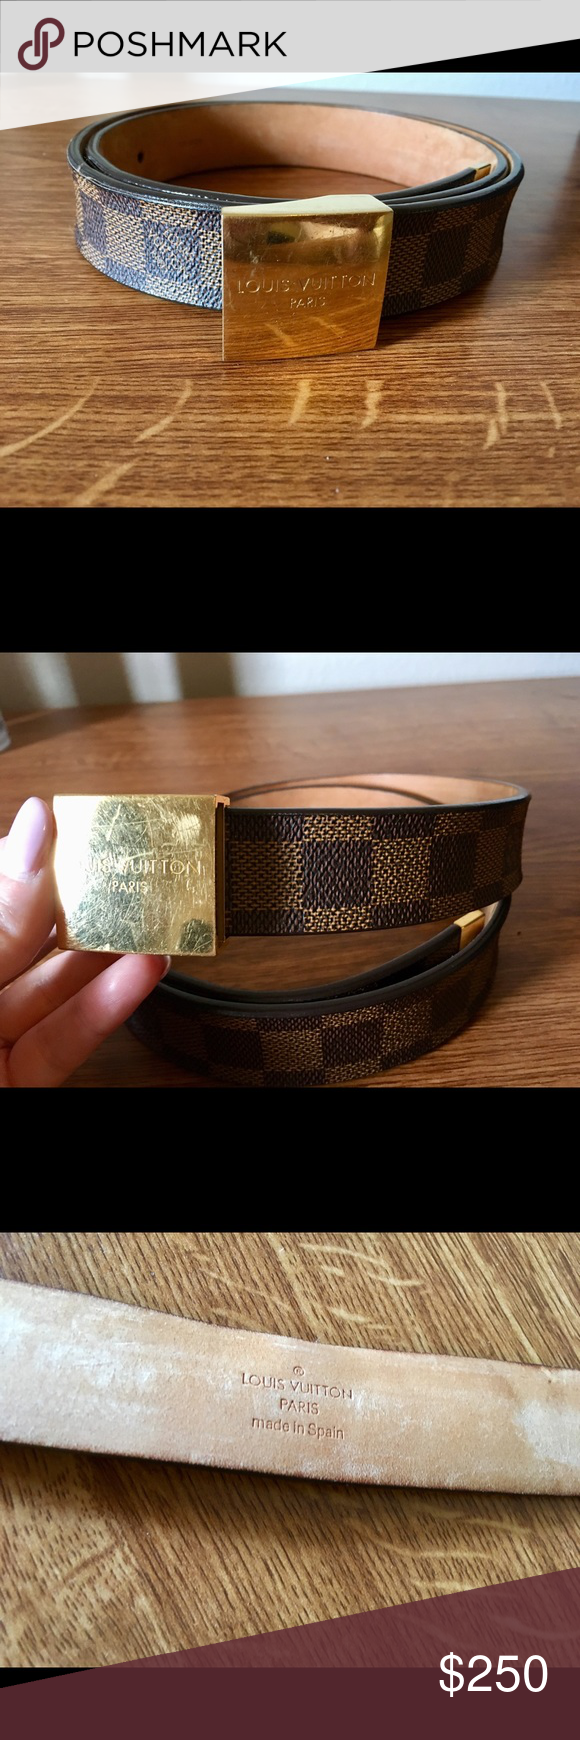 f18eb257fba6 LOUIS VUITTON Damier Ebene Belt Gold Buckle 85 34 Good condition Authentic Louis  Vuitton Damier